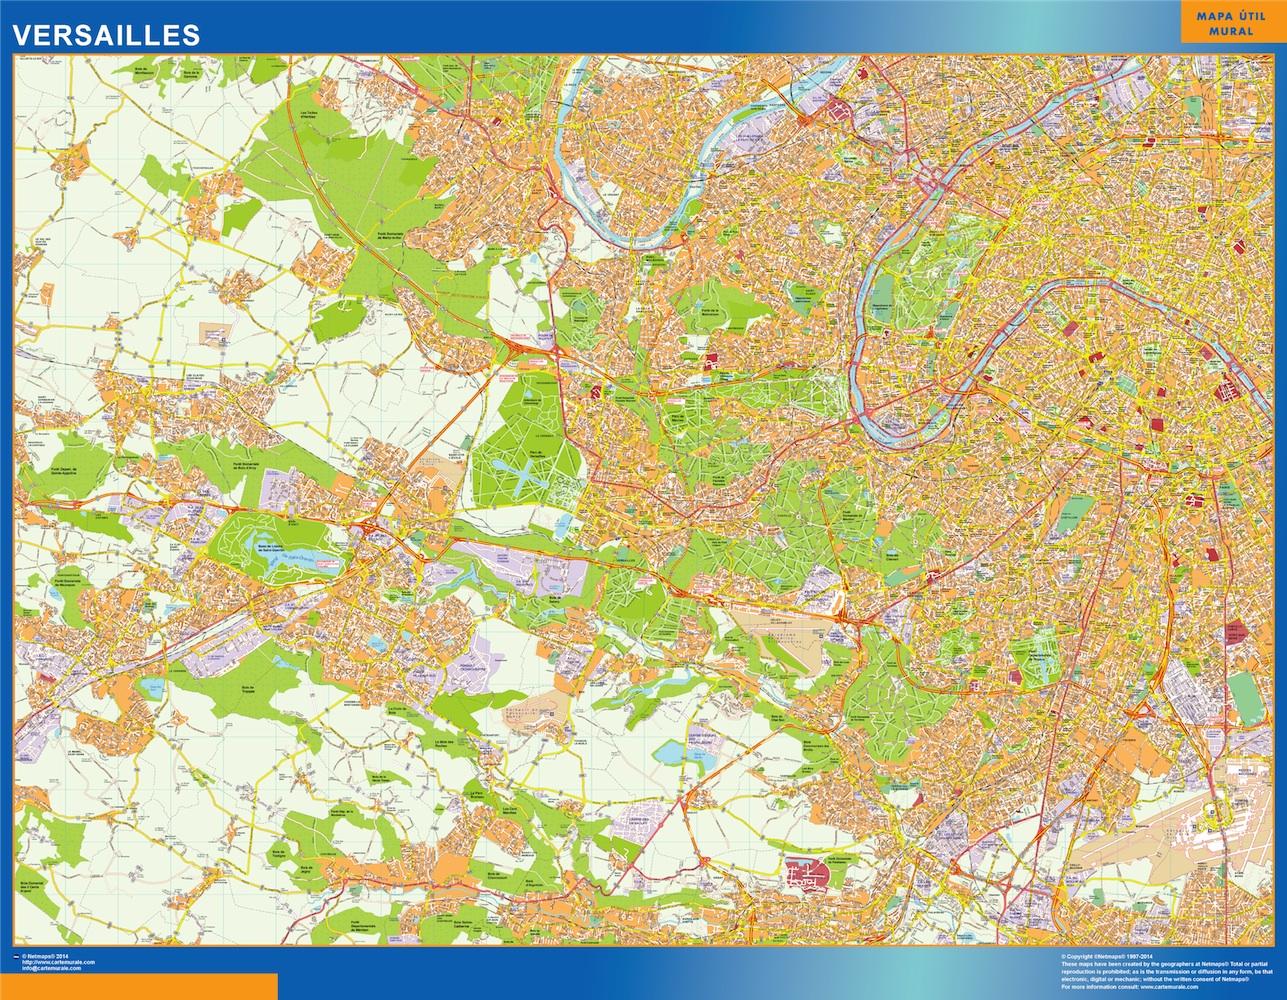 versailles street map